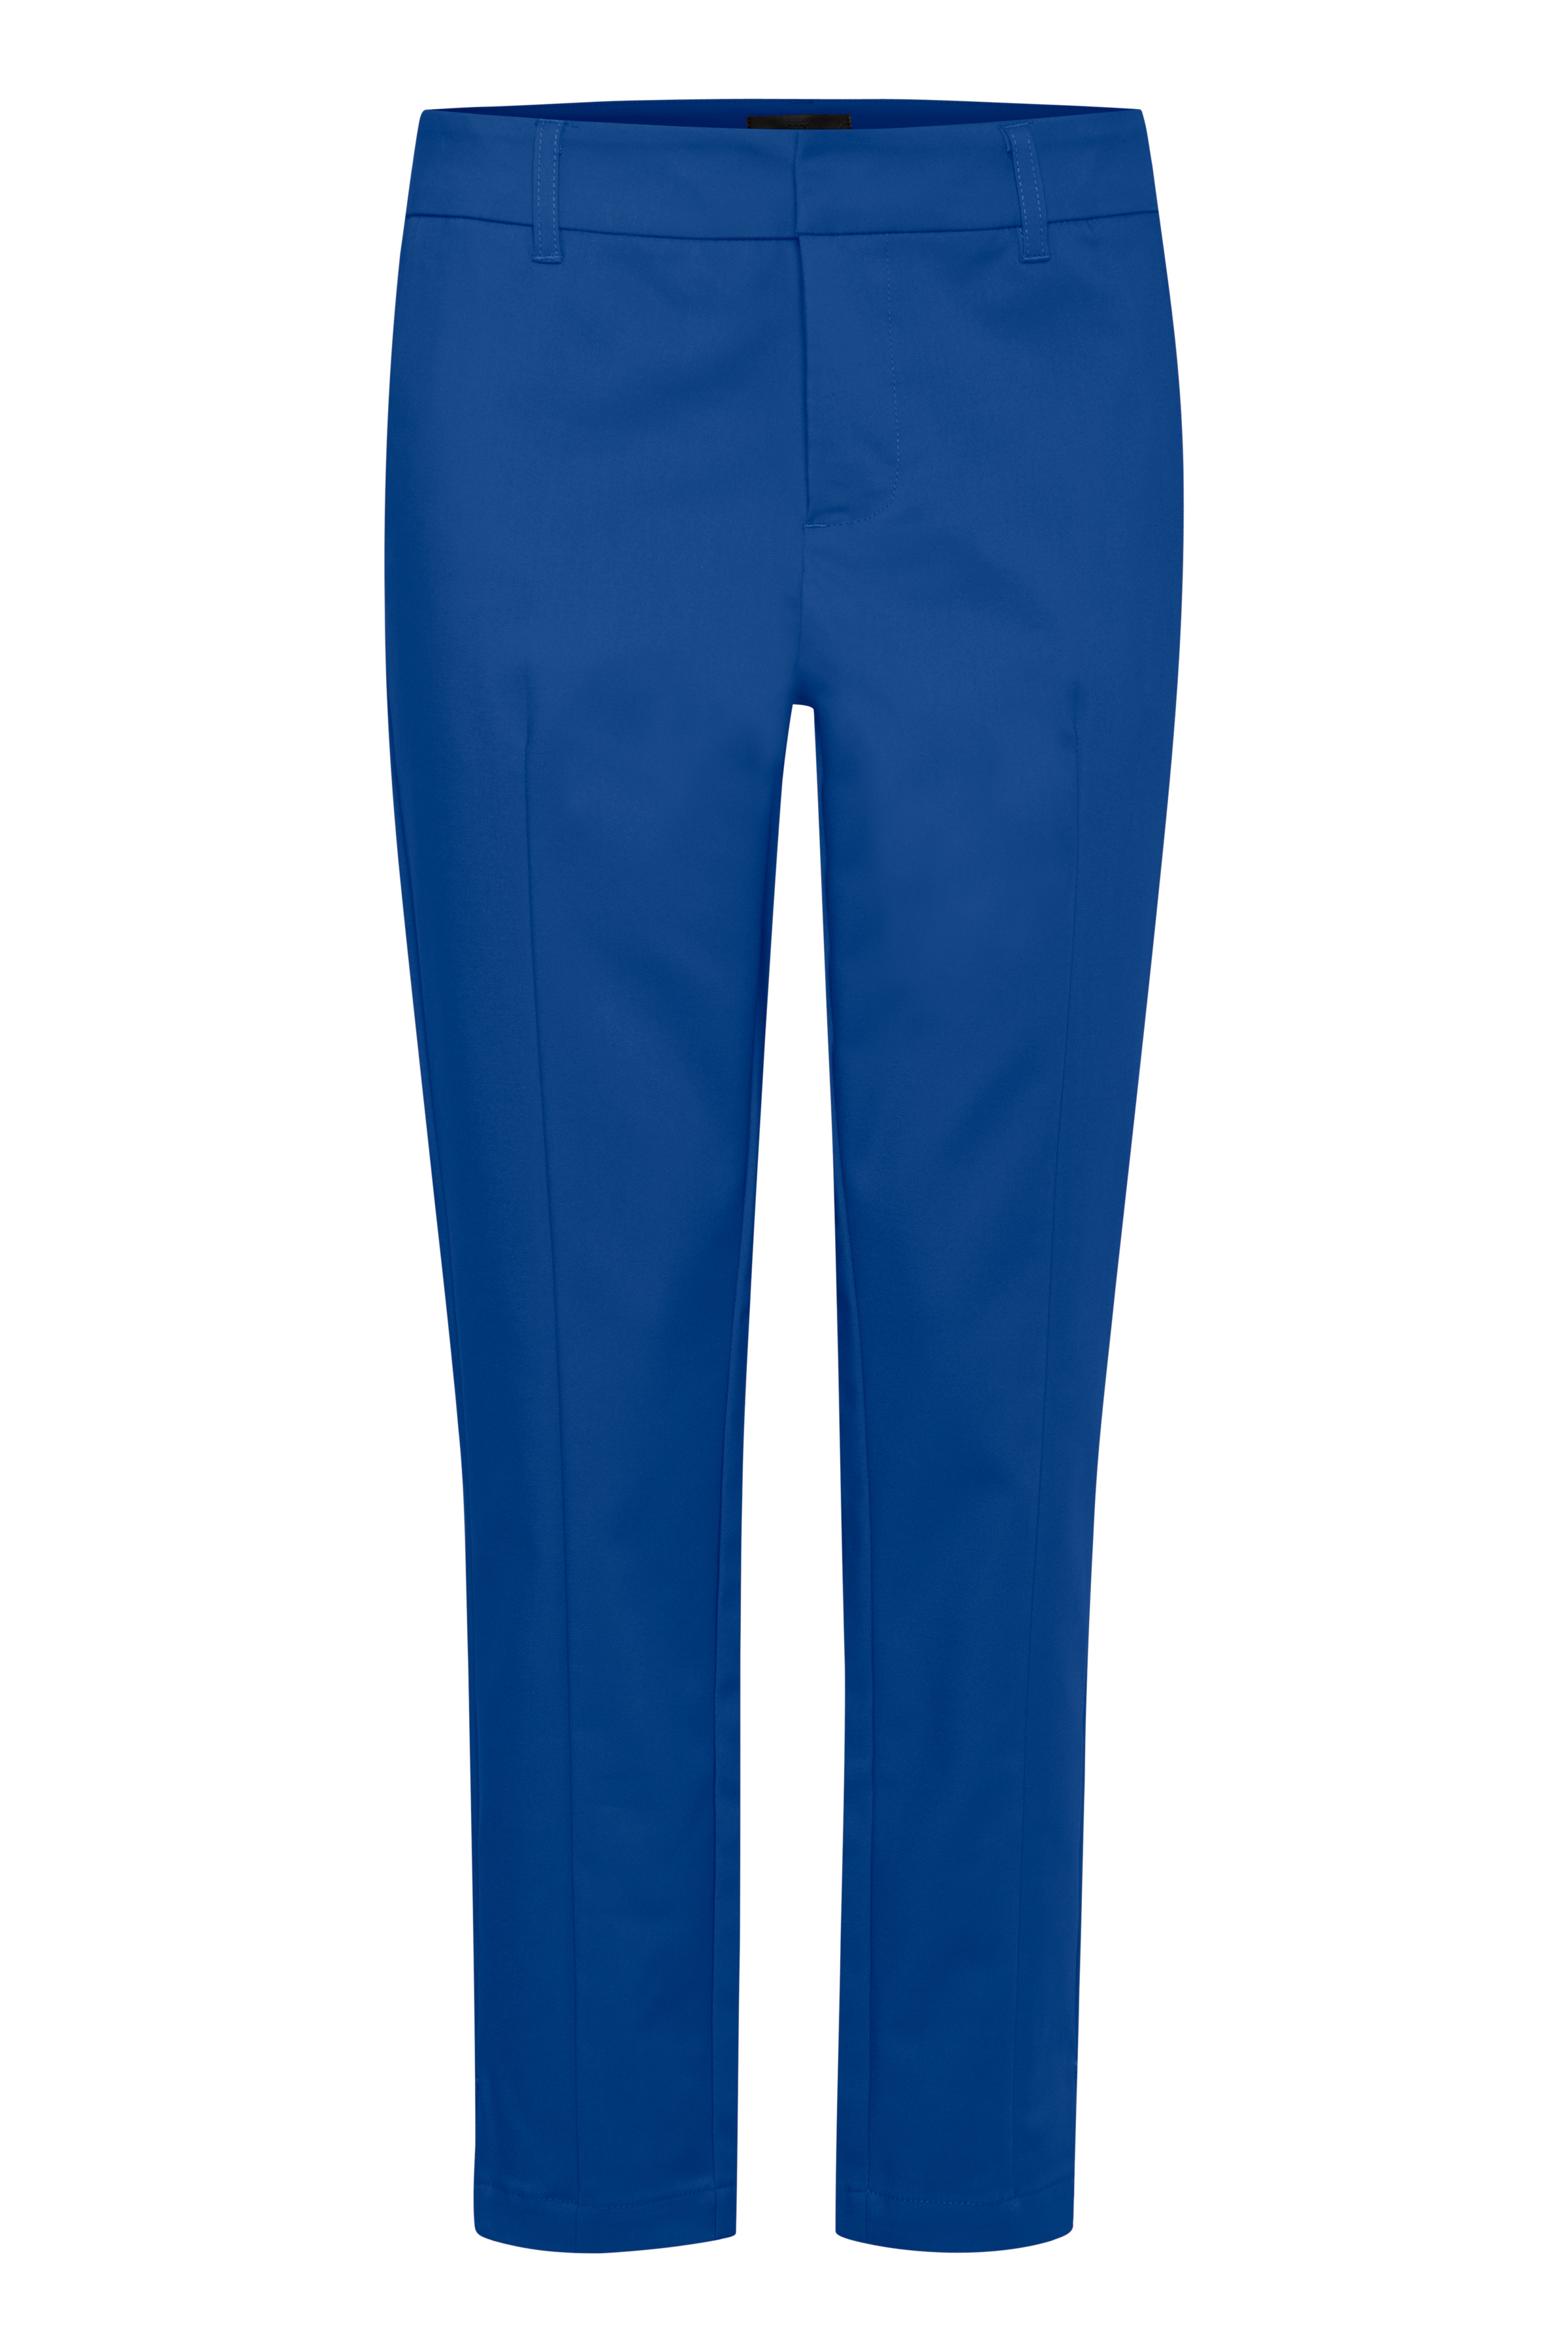 Image of Pulz Jeans Dame Bukser - Twilight Blue